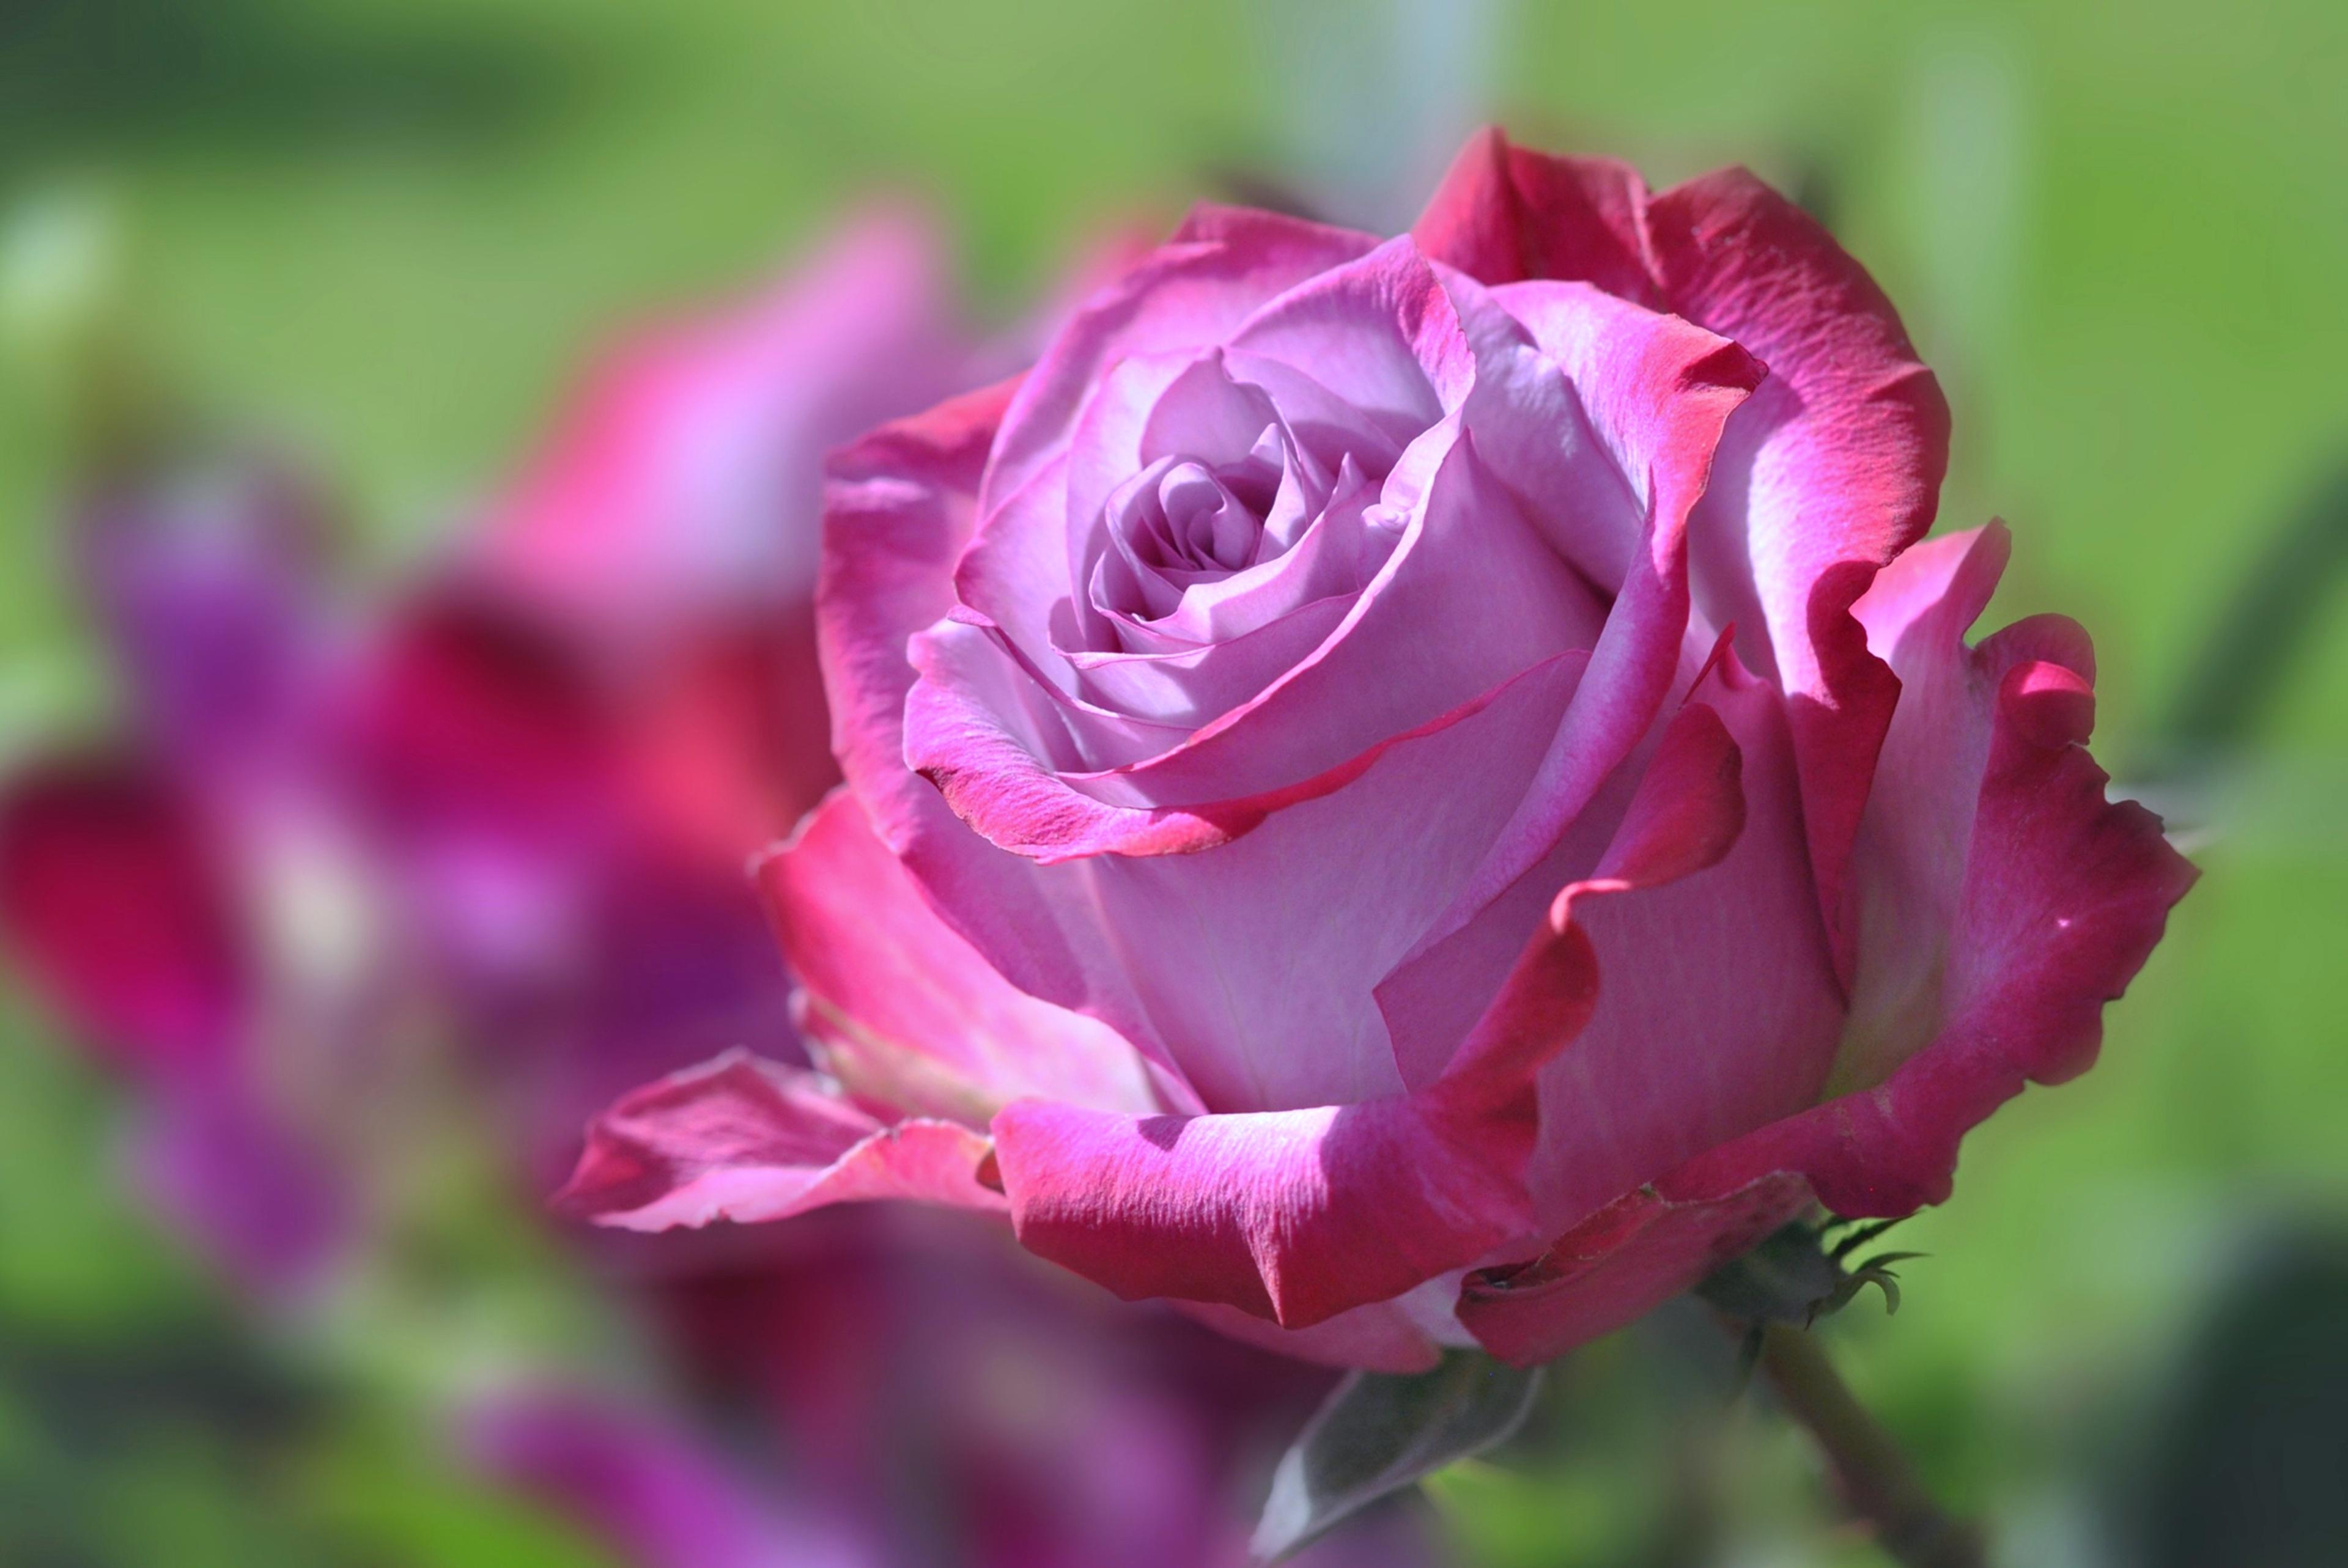 Розы картинки высокого качества, помнишь тебя любила